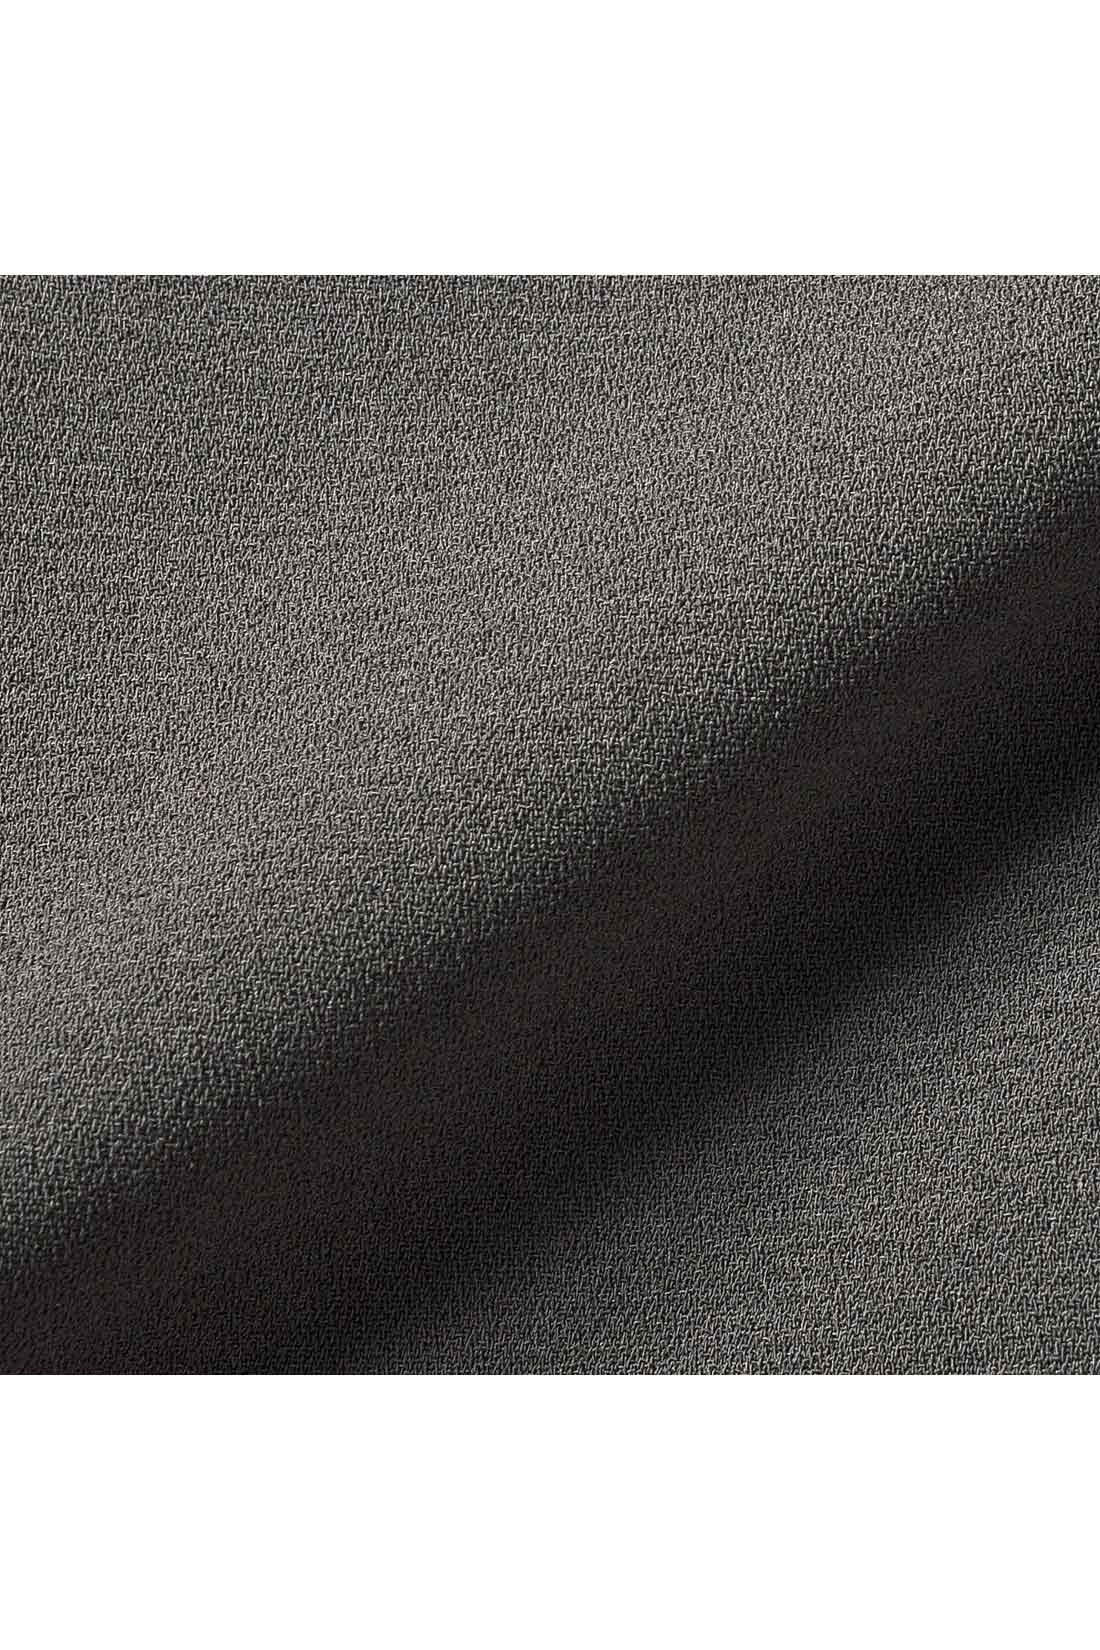 ほどよい厚みとしなやかな落ち感の上質なジョーゼット素材。